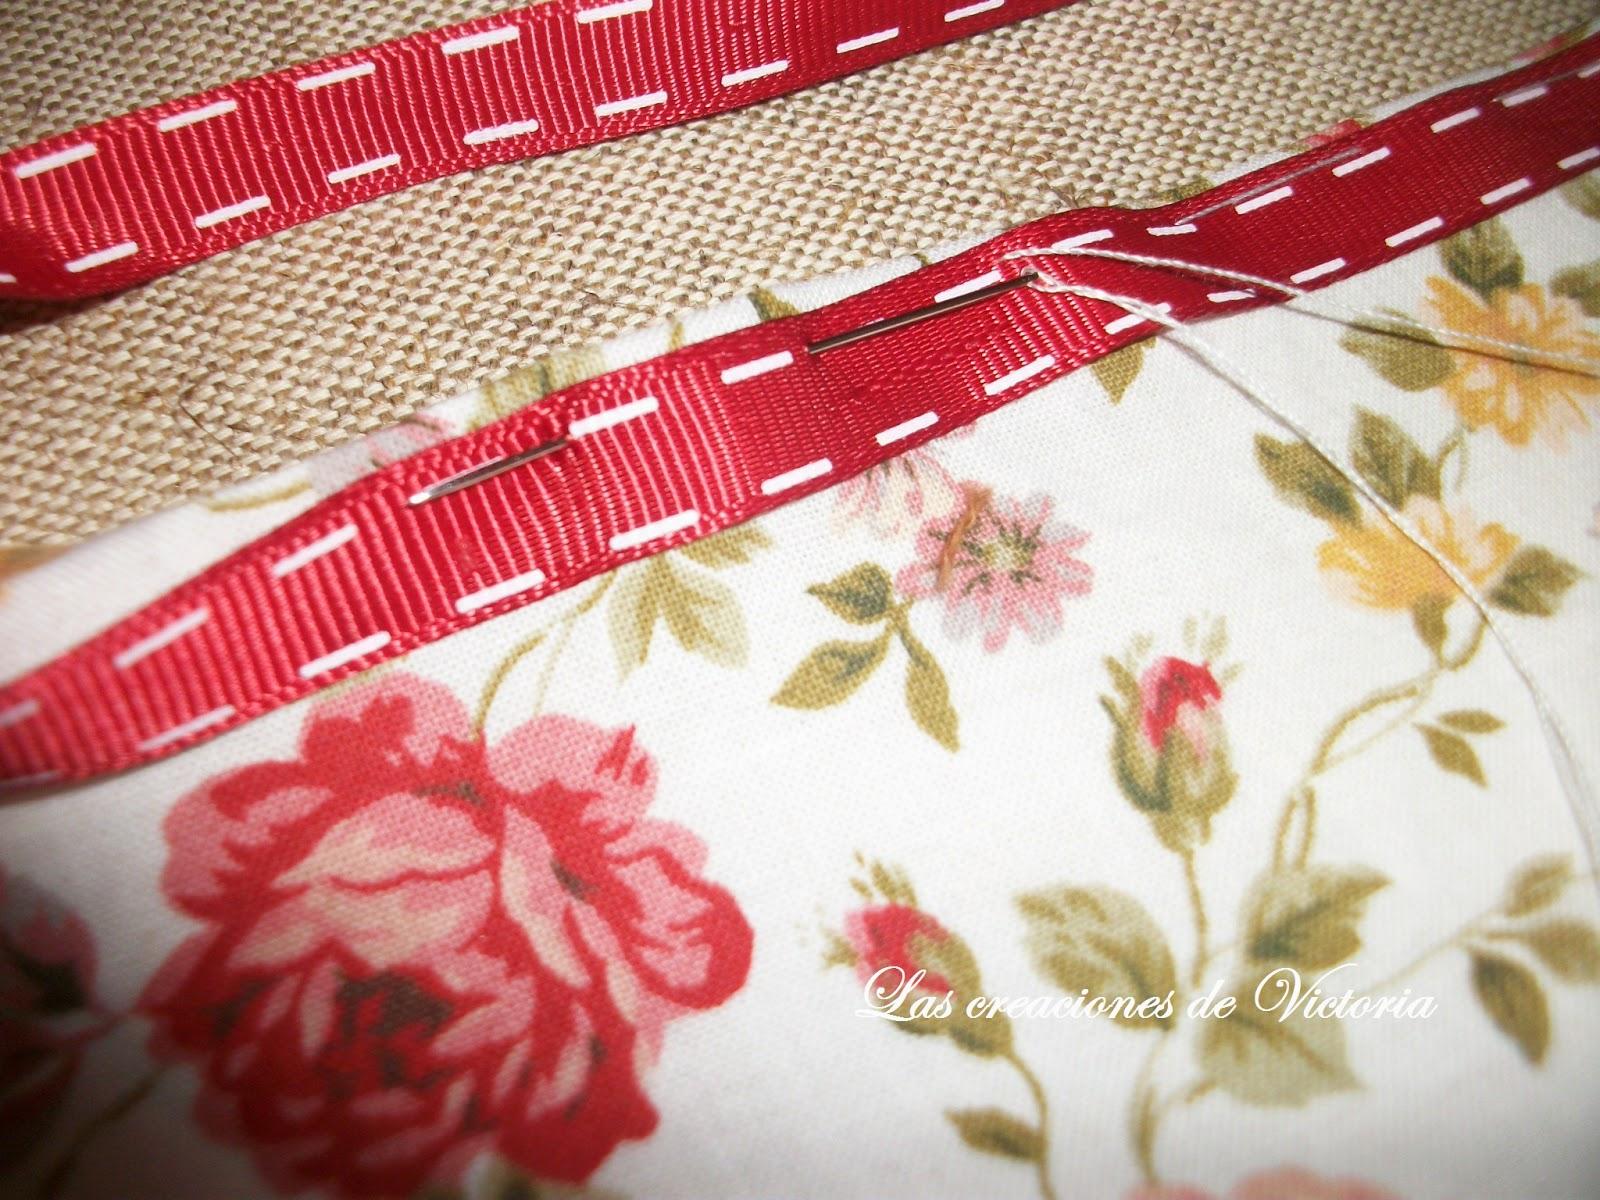 Las creaciones de Victoria.Vintage.Guarda-infusiones de patchwork